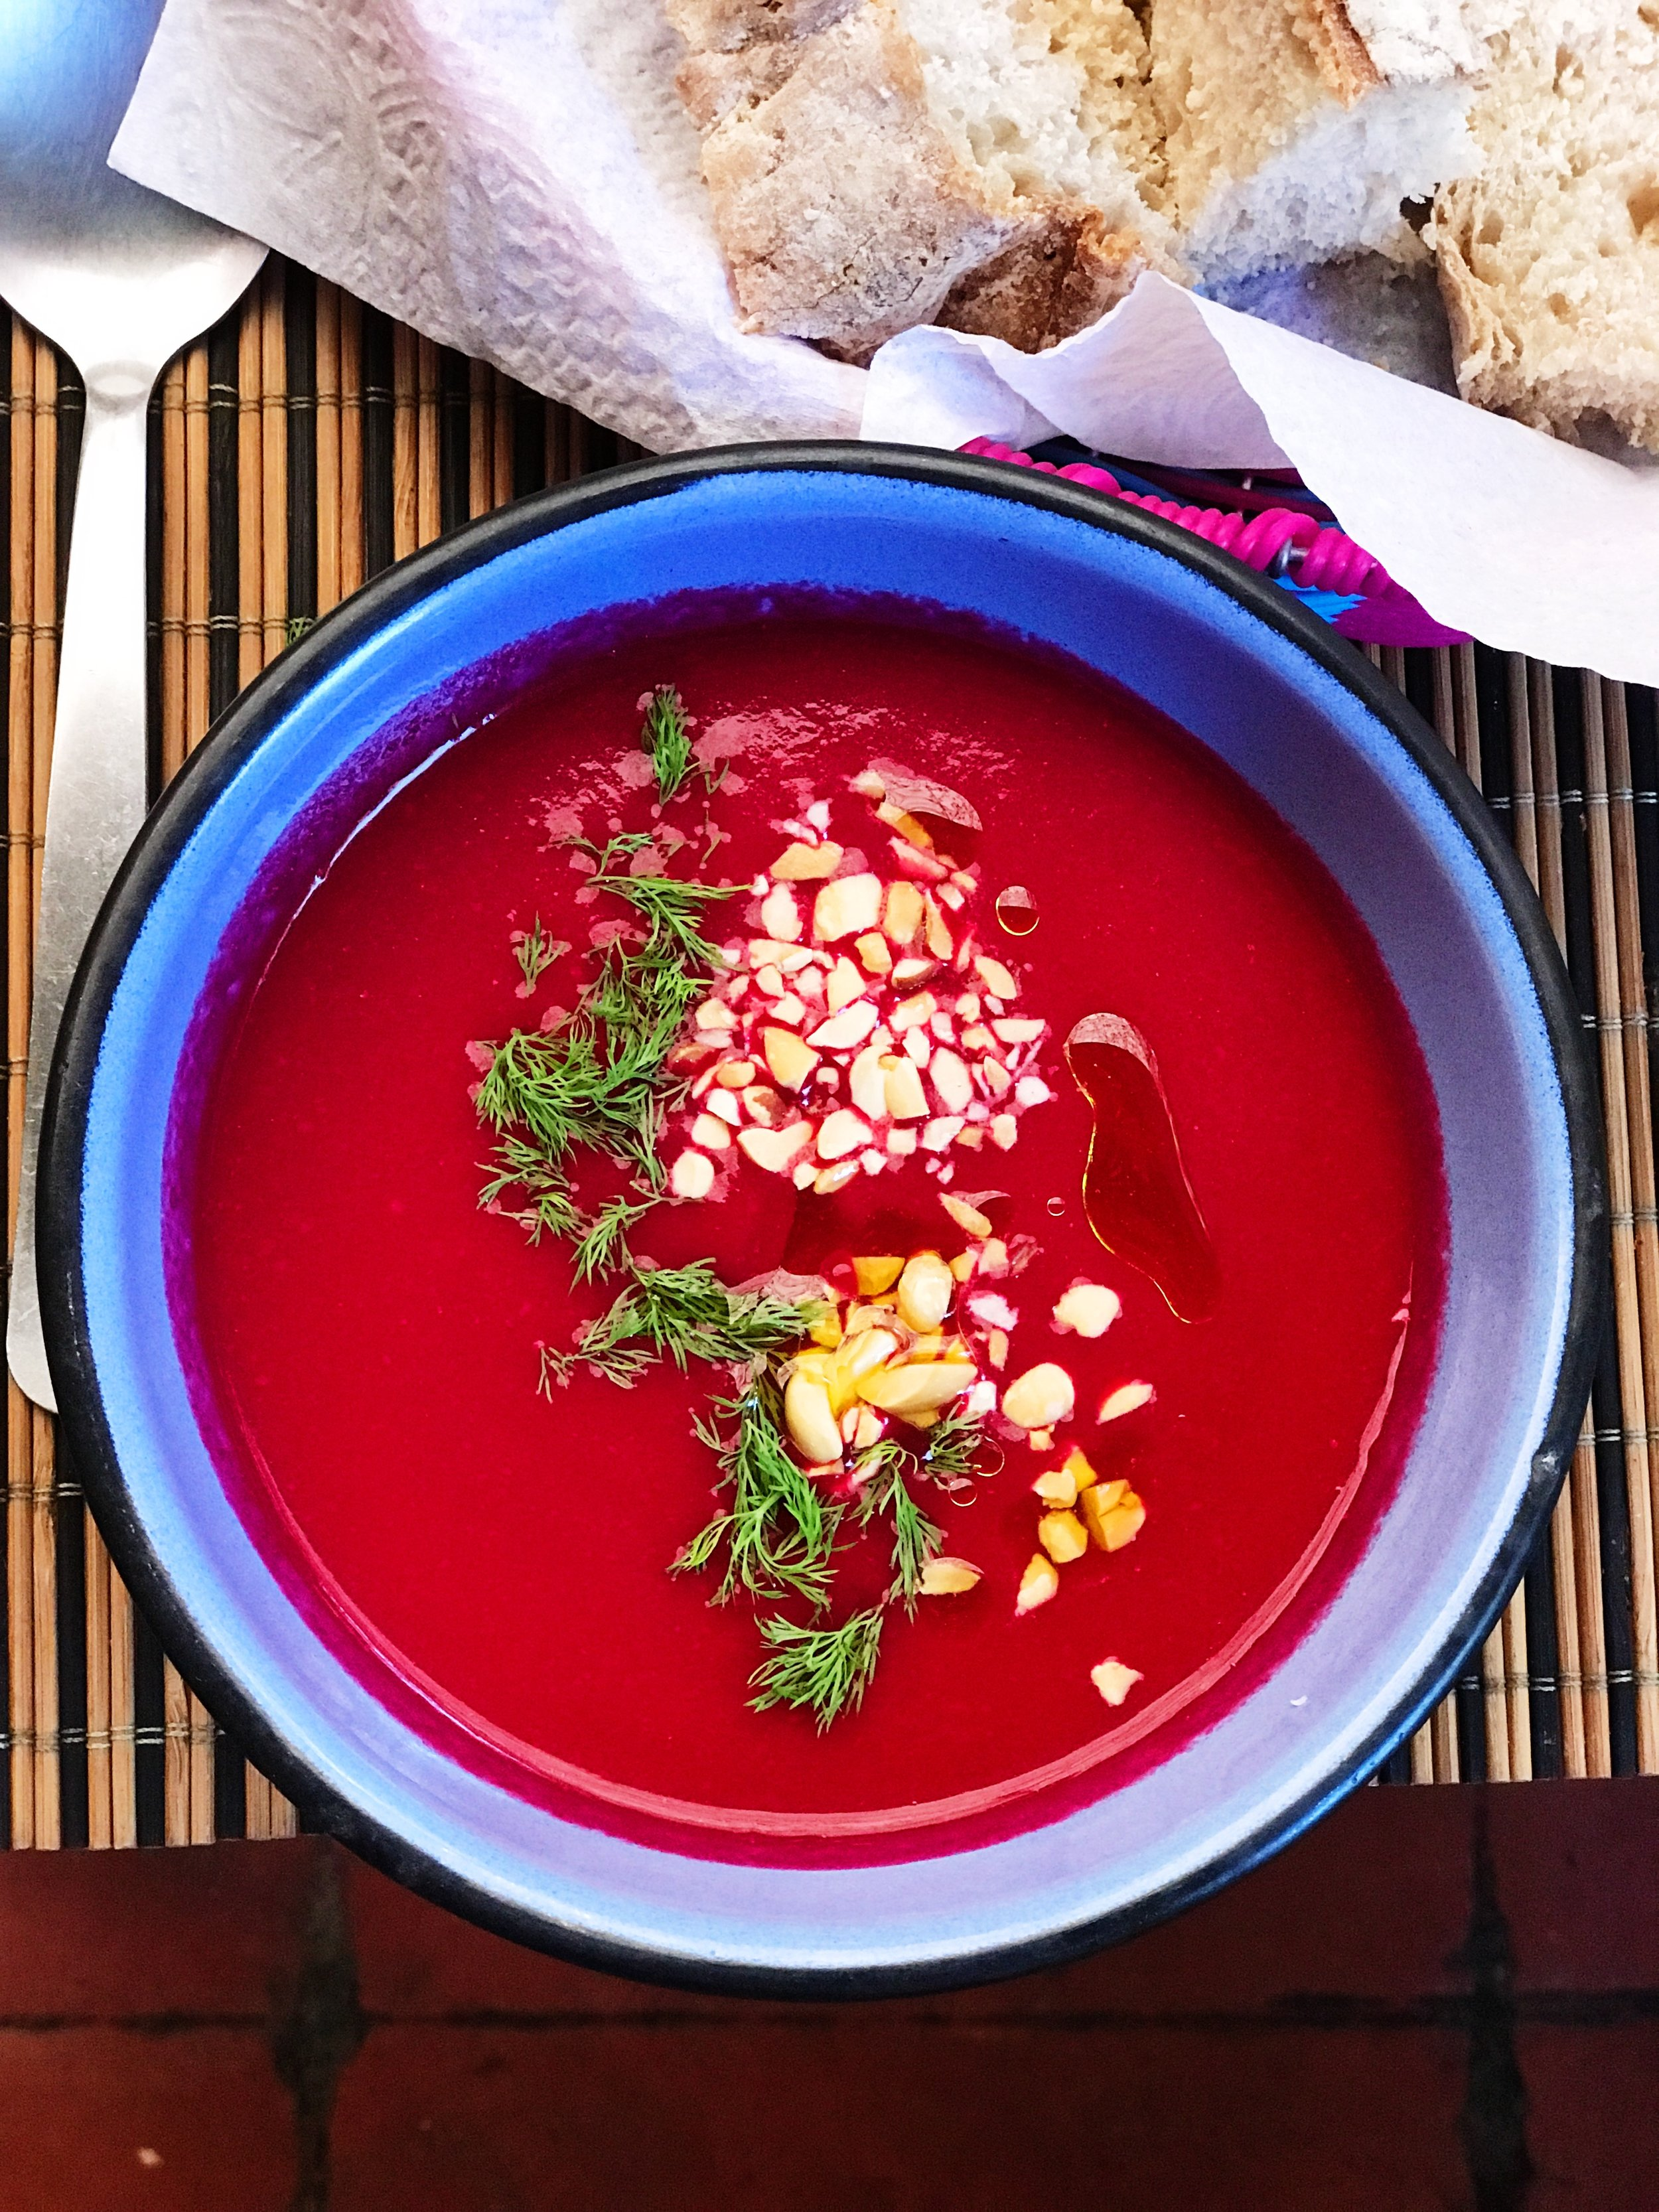 Soup of the day at Calabacitas Tiernas.